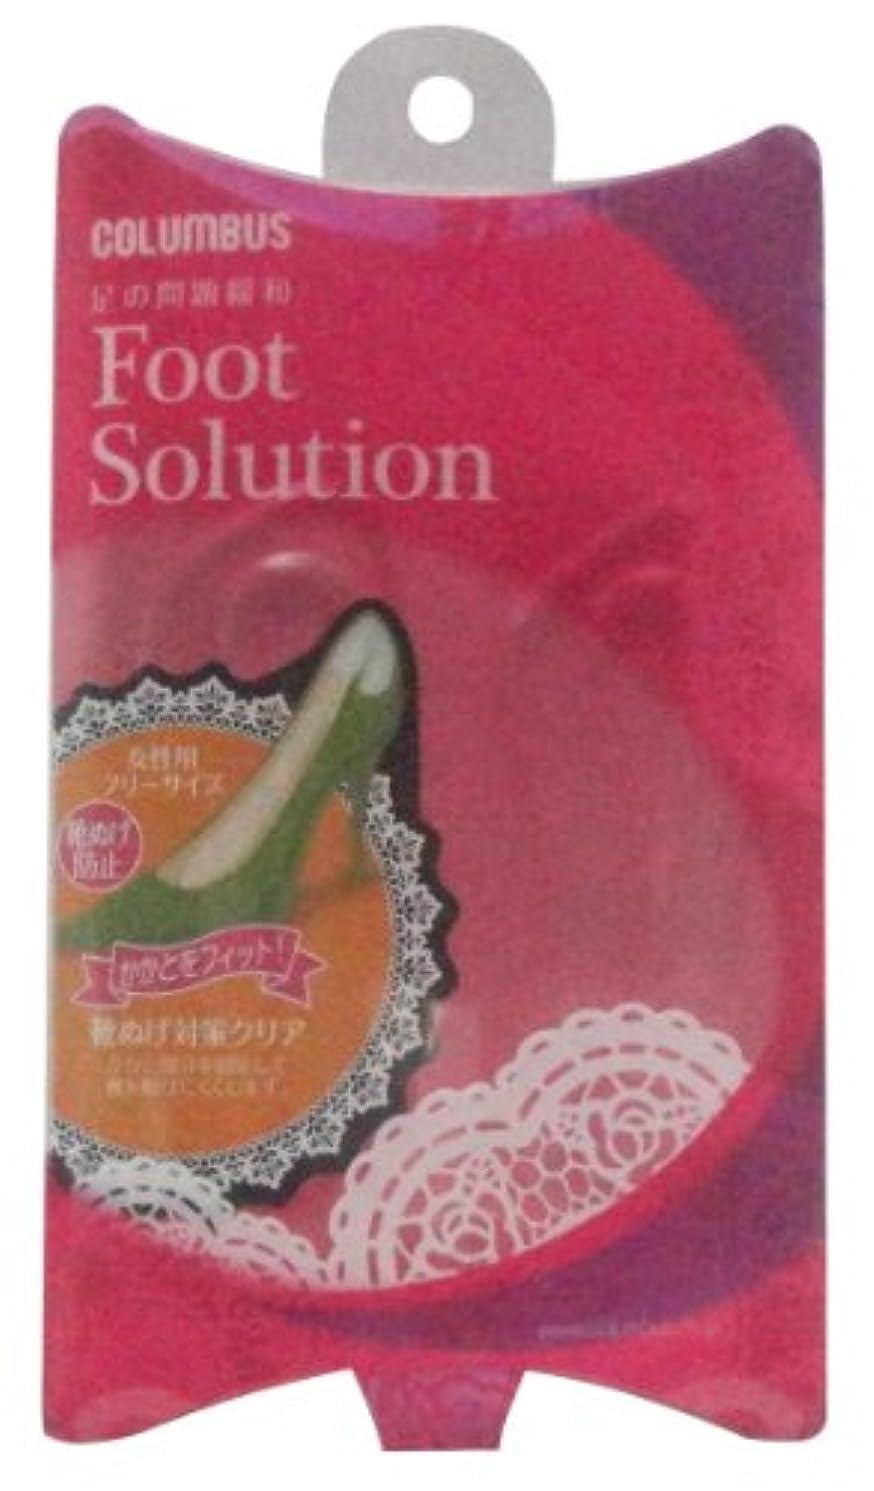 アウトドア配送舌フットソリューション 靴ぬげ対策クリア 女性用 フリーサイズ